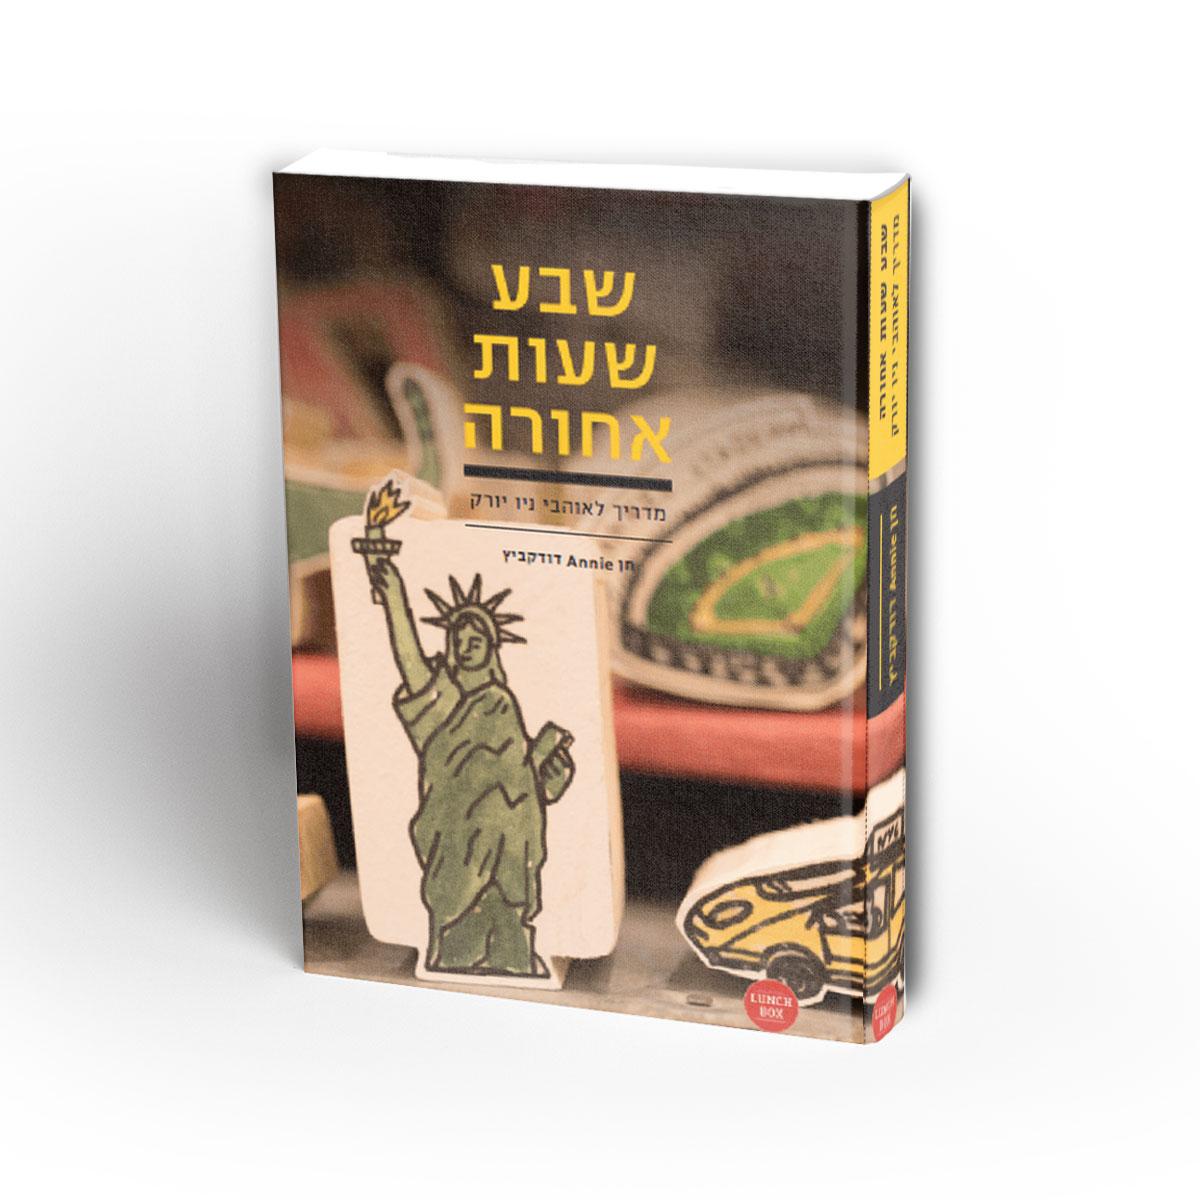 שבע שעות אחורה, המדריך לאוהבי ניו יורק, ספר מודפס